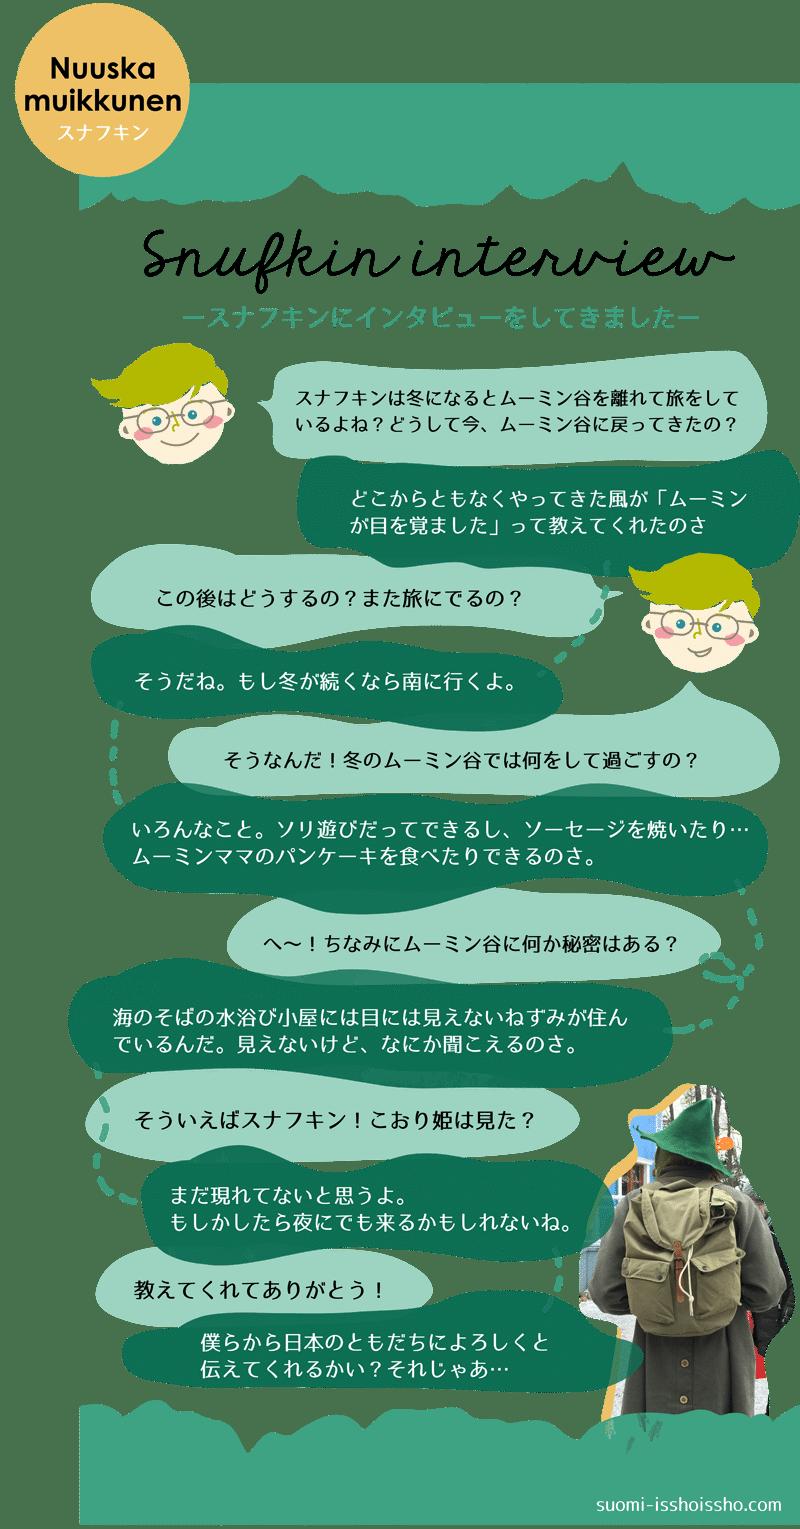 スナフキンインタビュー